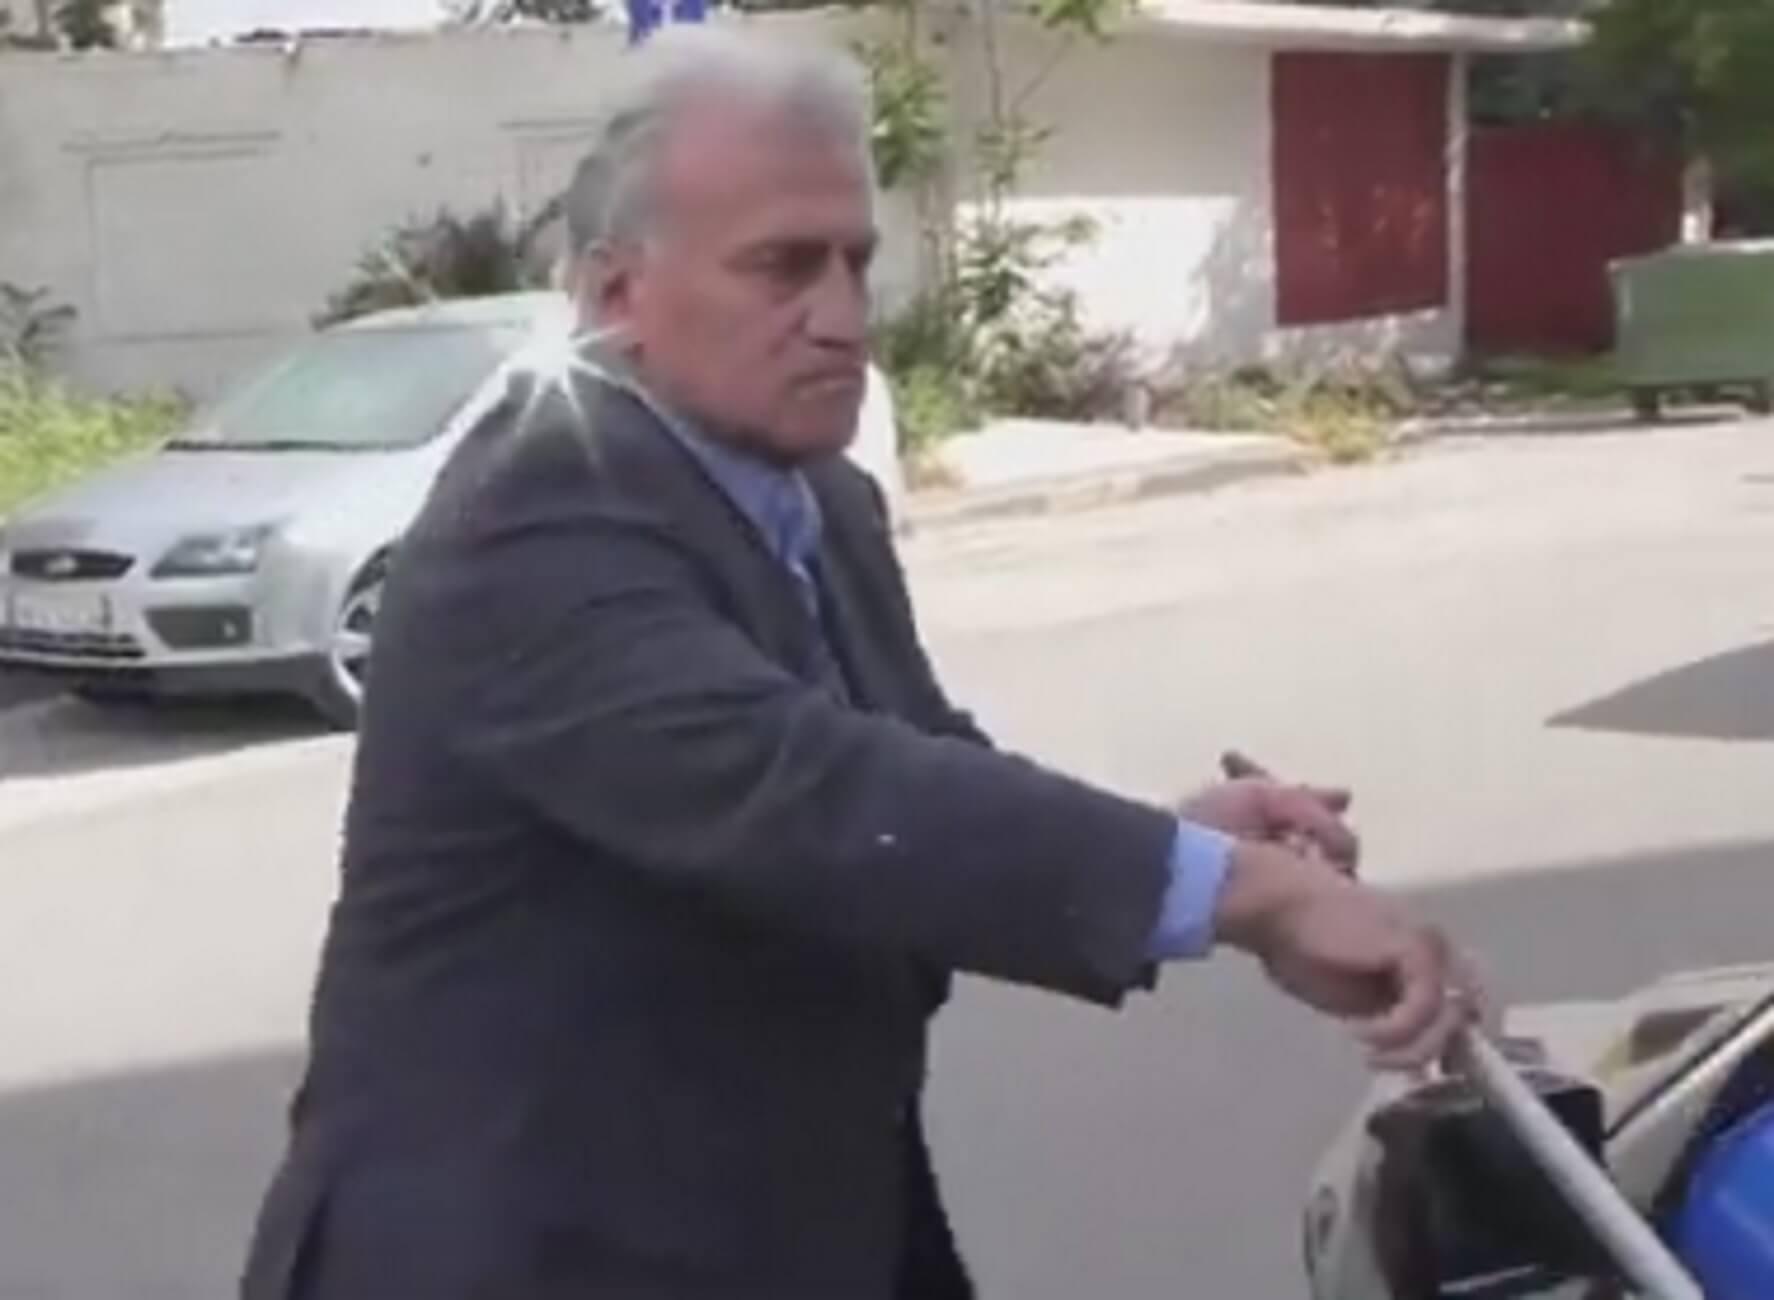 Εκλογές 2019: Ο Παναγιώτης Ψωμιάδης τιμωρεί ασυνείδητο οδηγό που ρίχνει σκουπίδια – Επικό προεκλογικό σποτάκι – video